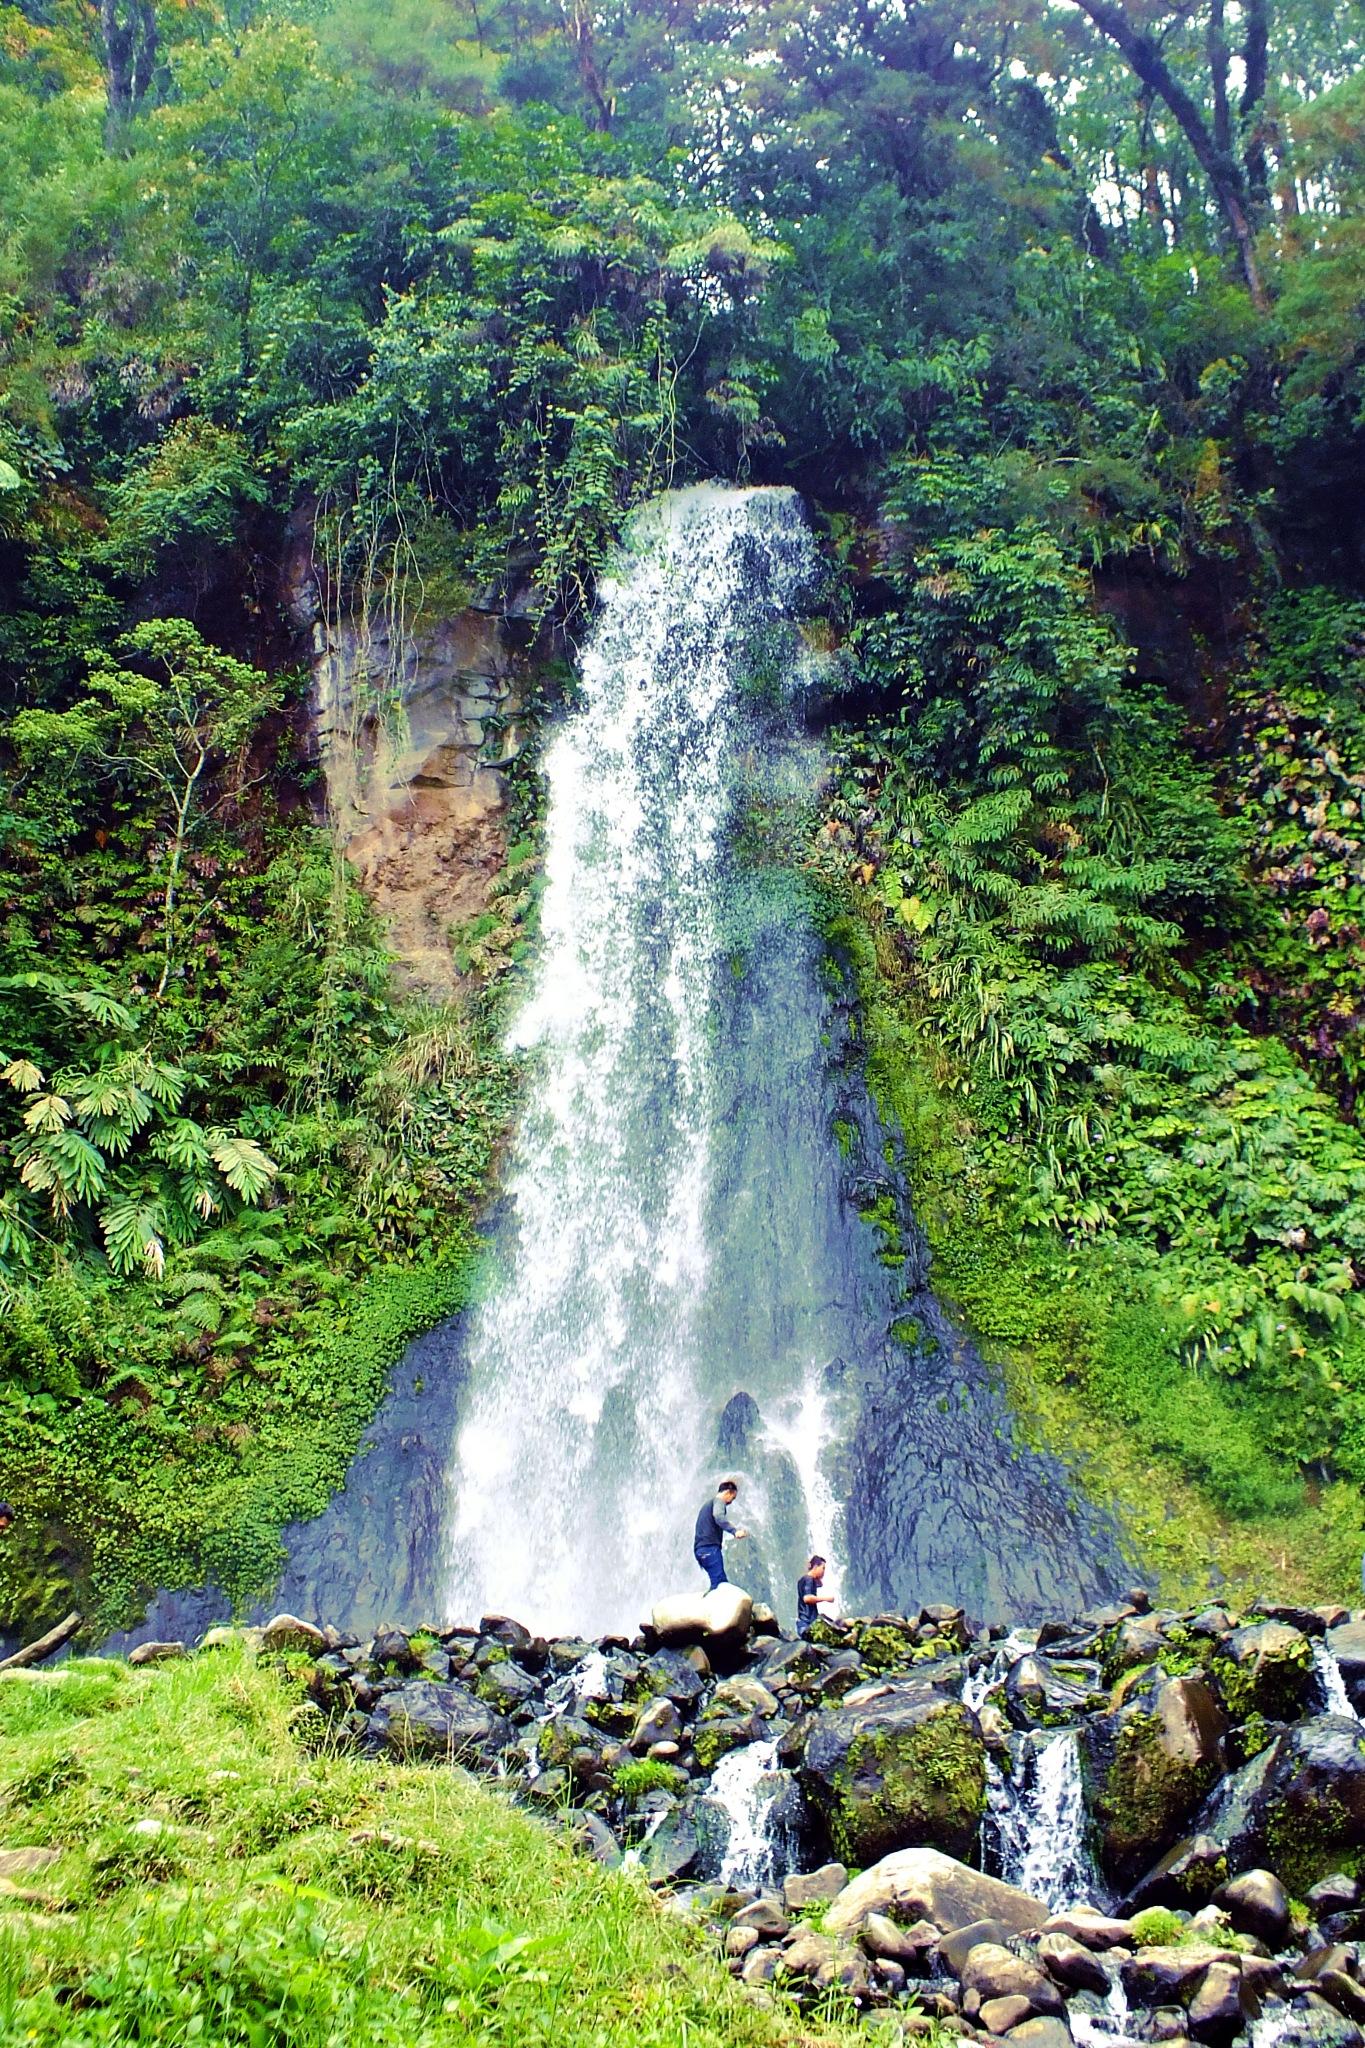 Cibeureum Waterfall by Firman OS